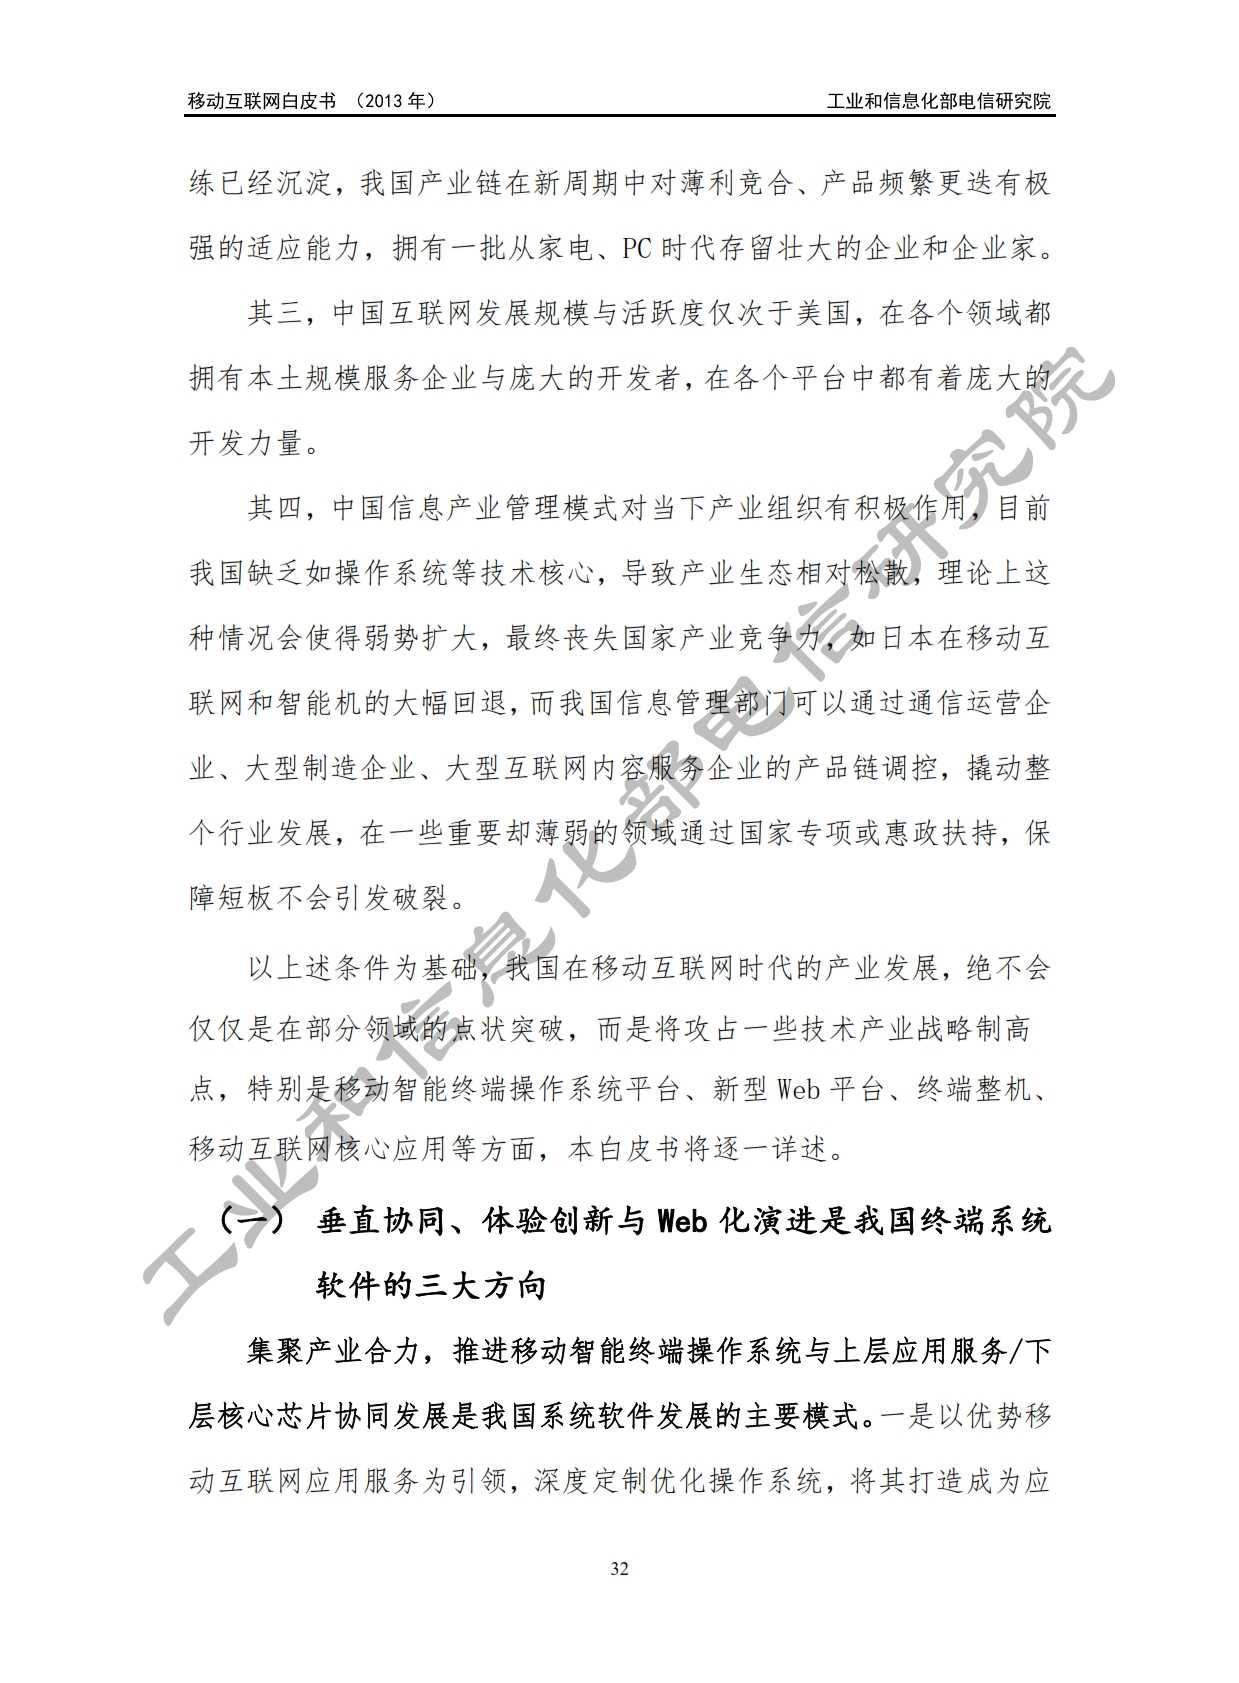 工信部:2013年中国移动互联网白皮书_036